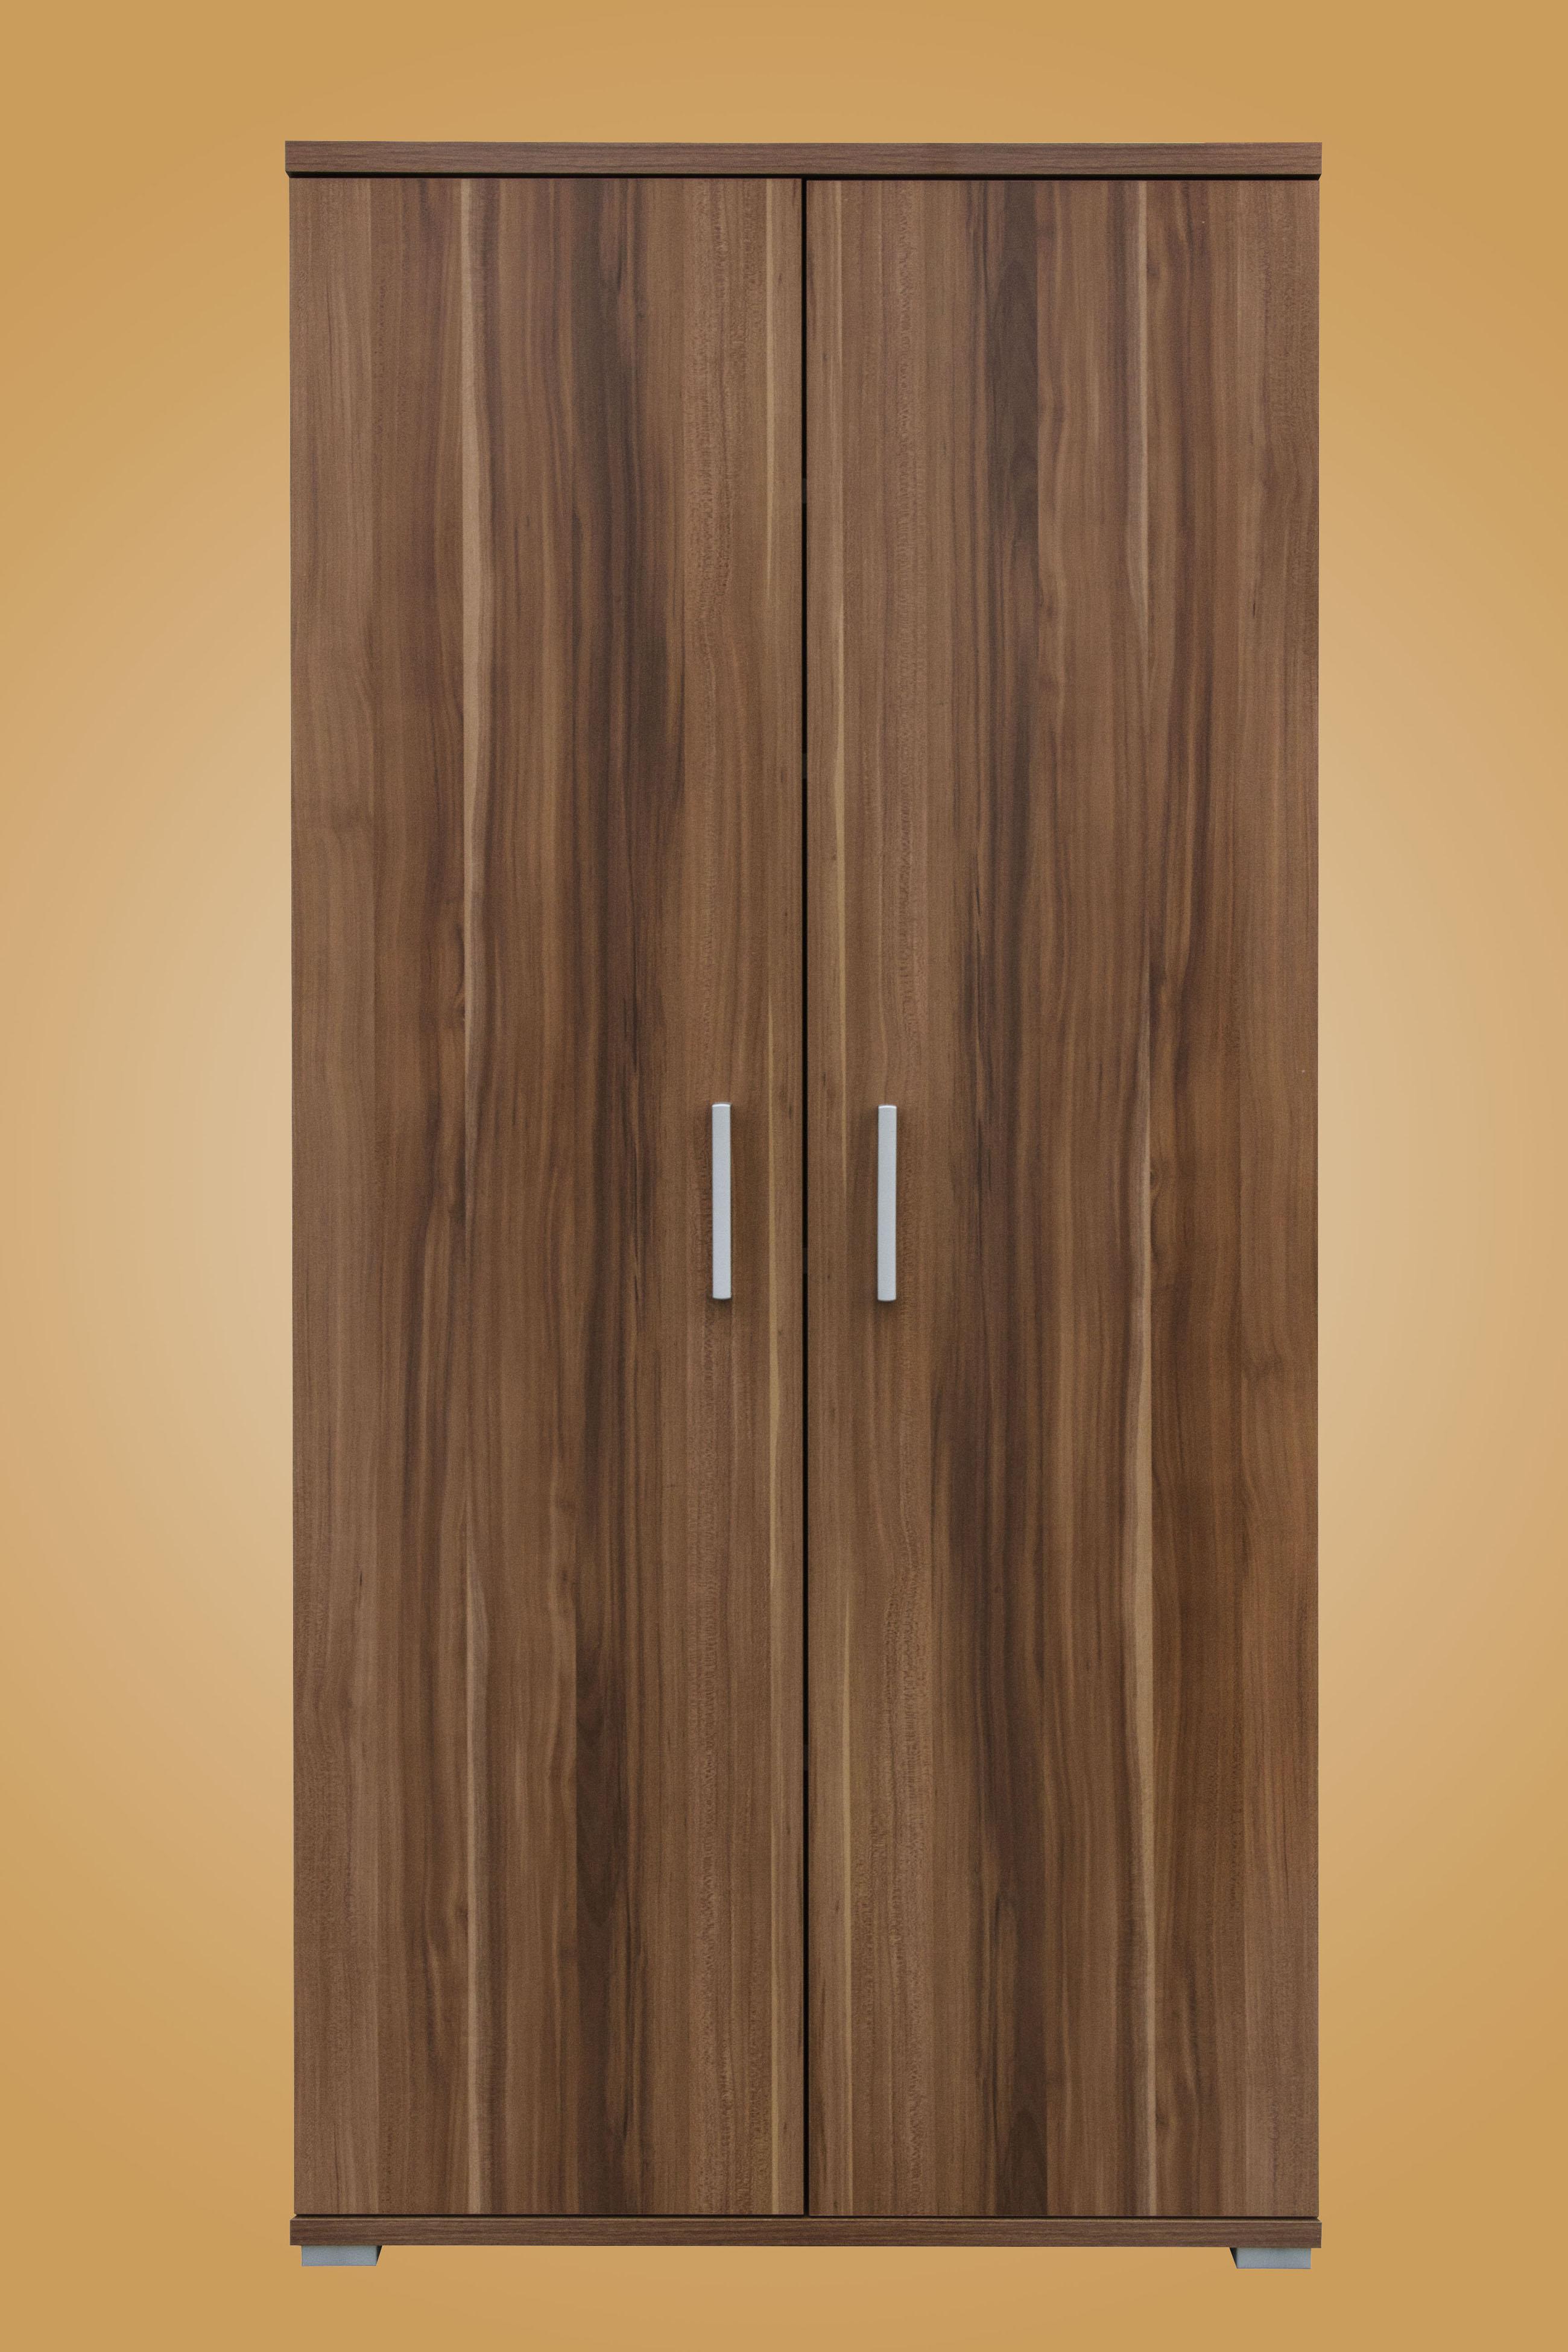 mehrzweckschrank aktenschrank schuhschrank schrank 2 t rig buche weiss nussbaum ebay. Black Bedroom Furniture Sets. Home Design Ideas